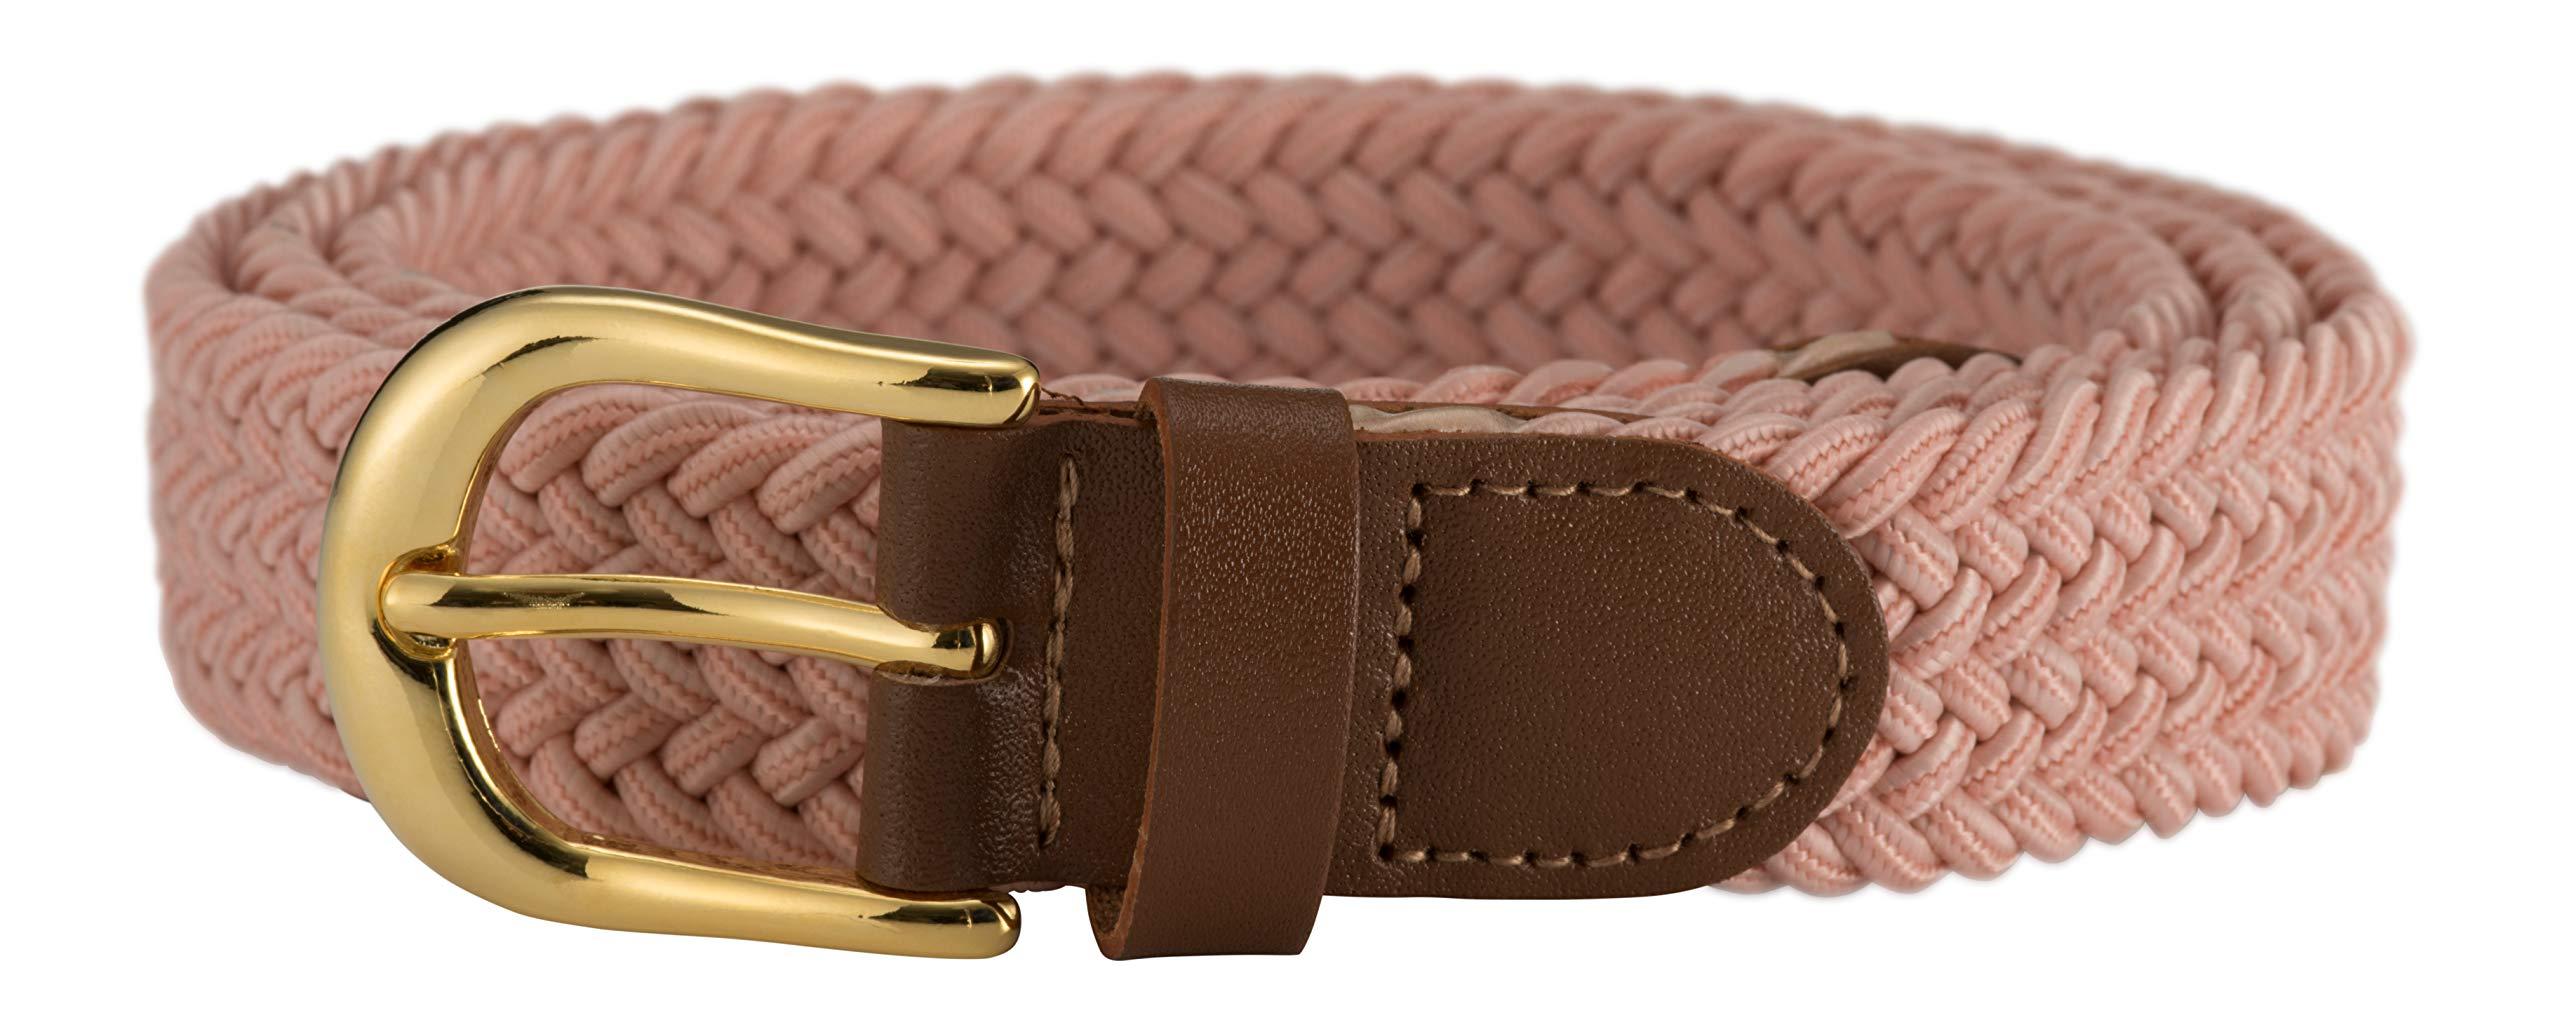 e27ed9cd577 Streeze ceinture élastique pour femmes. 5 tailles. Extensible et tressée.  25 mm de largeur avec boucle en or de tailles XS-XL